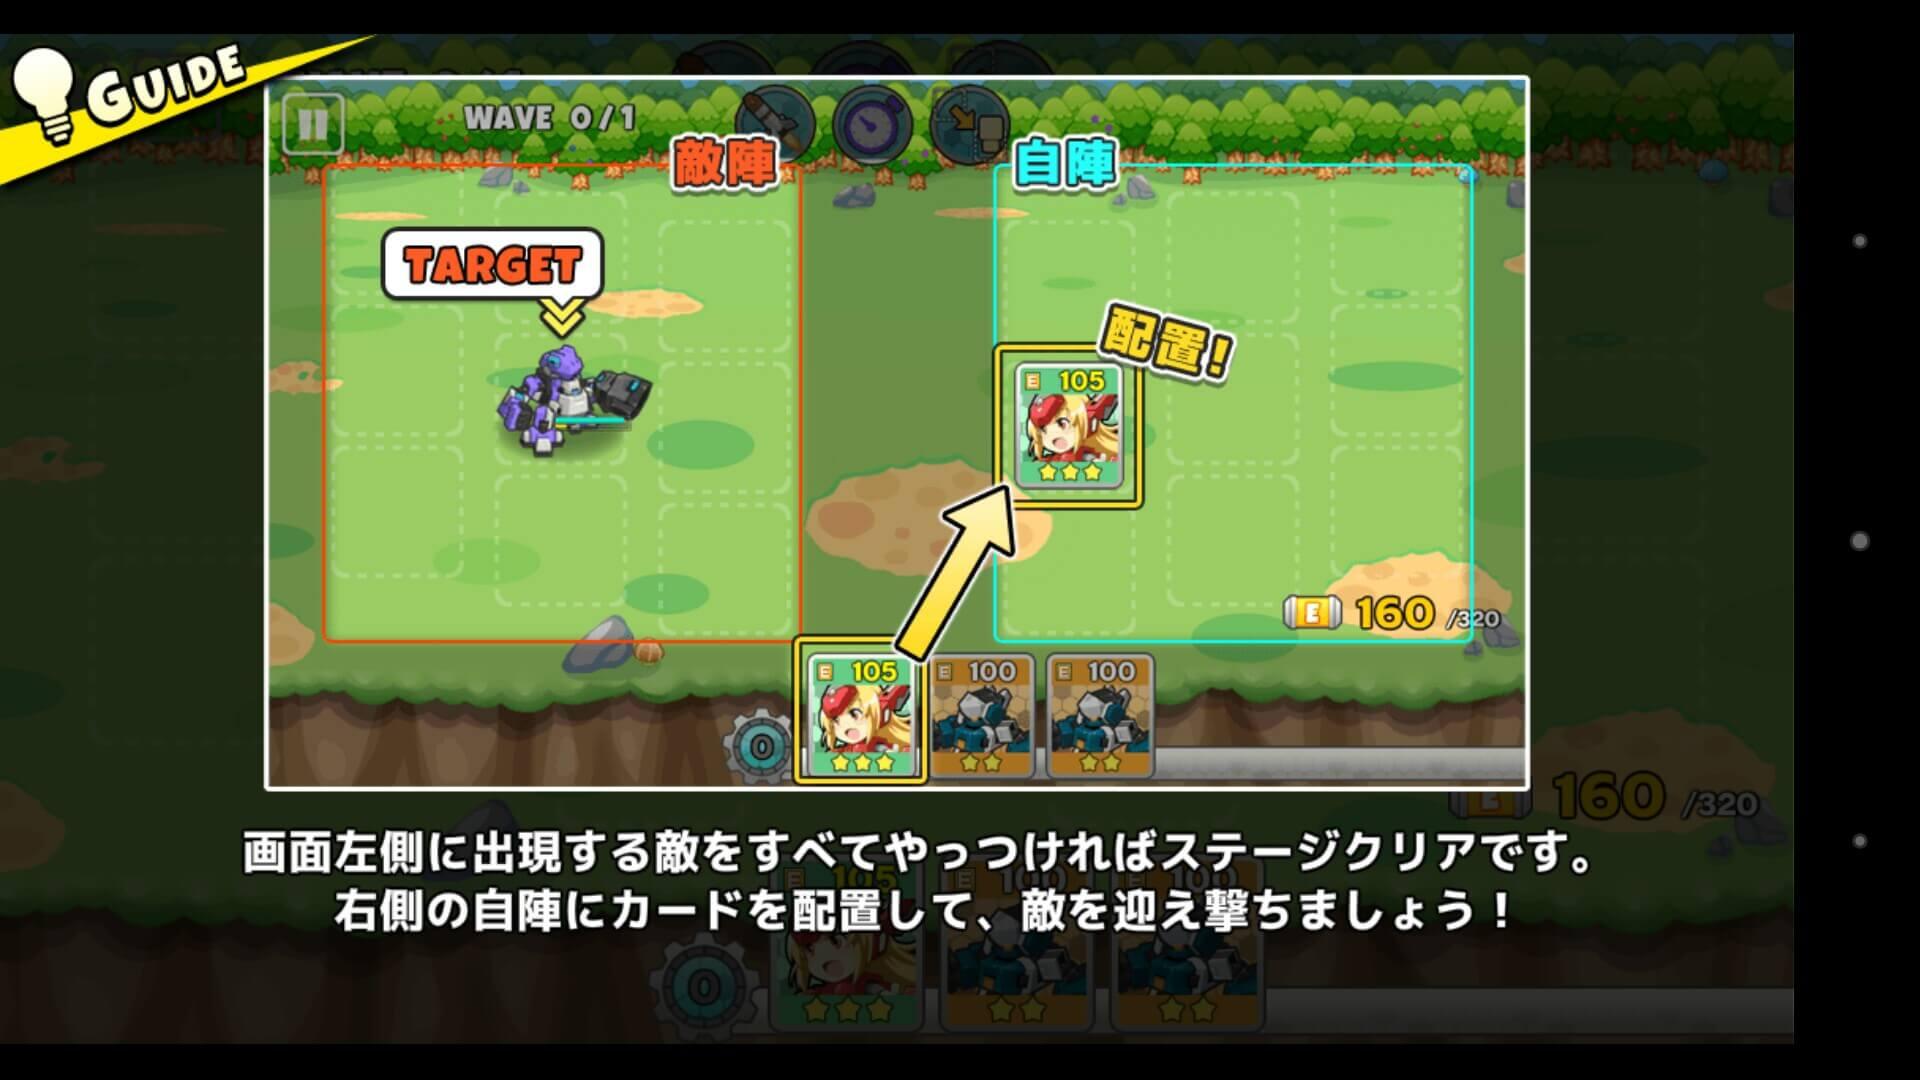 コズミックブレイク ソラの戦団9 バトル説明画面